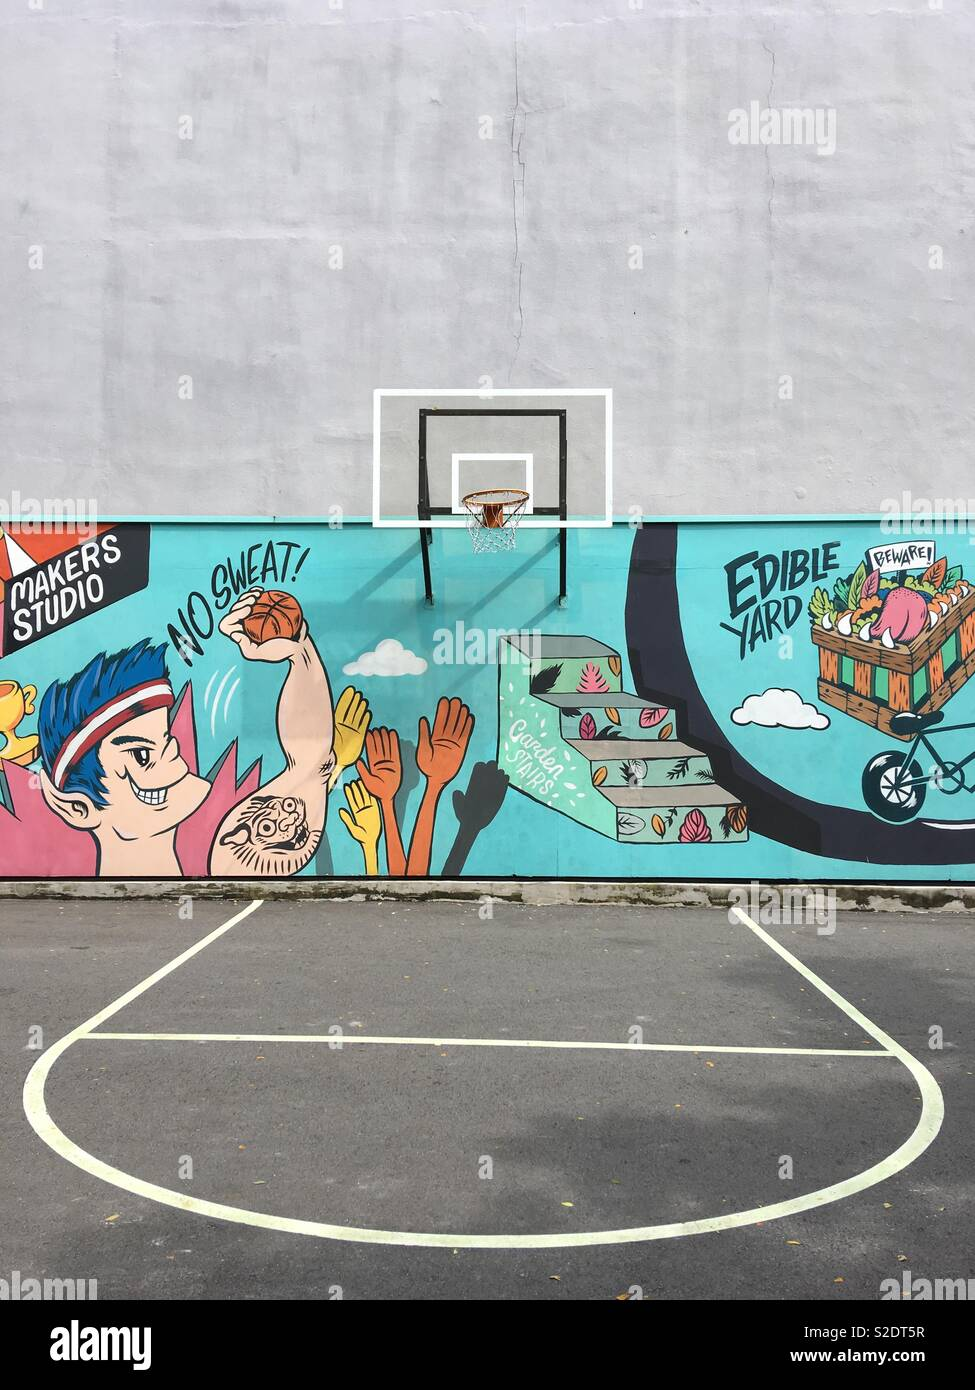 Campo da pallacanestro. Immagini Stock